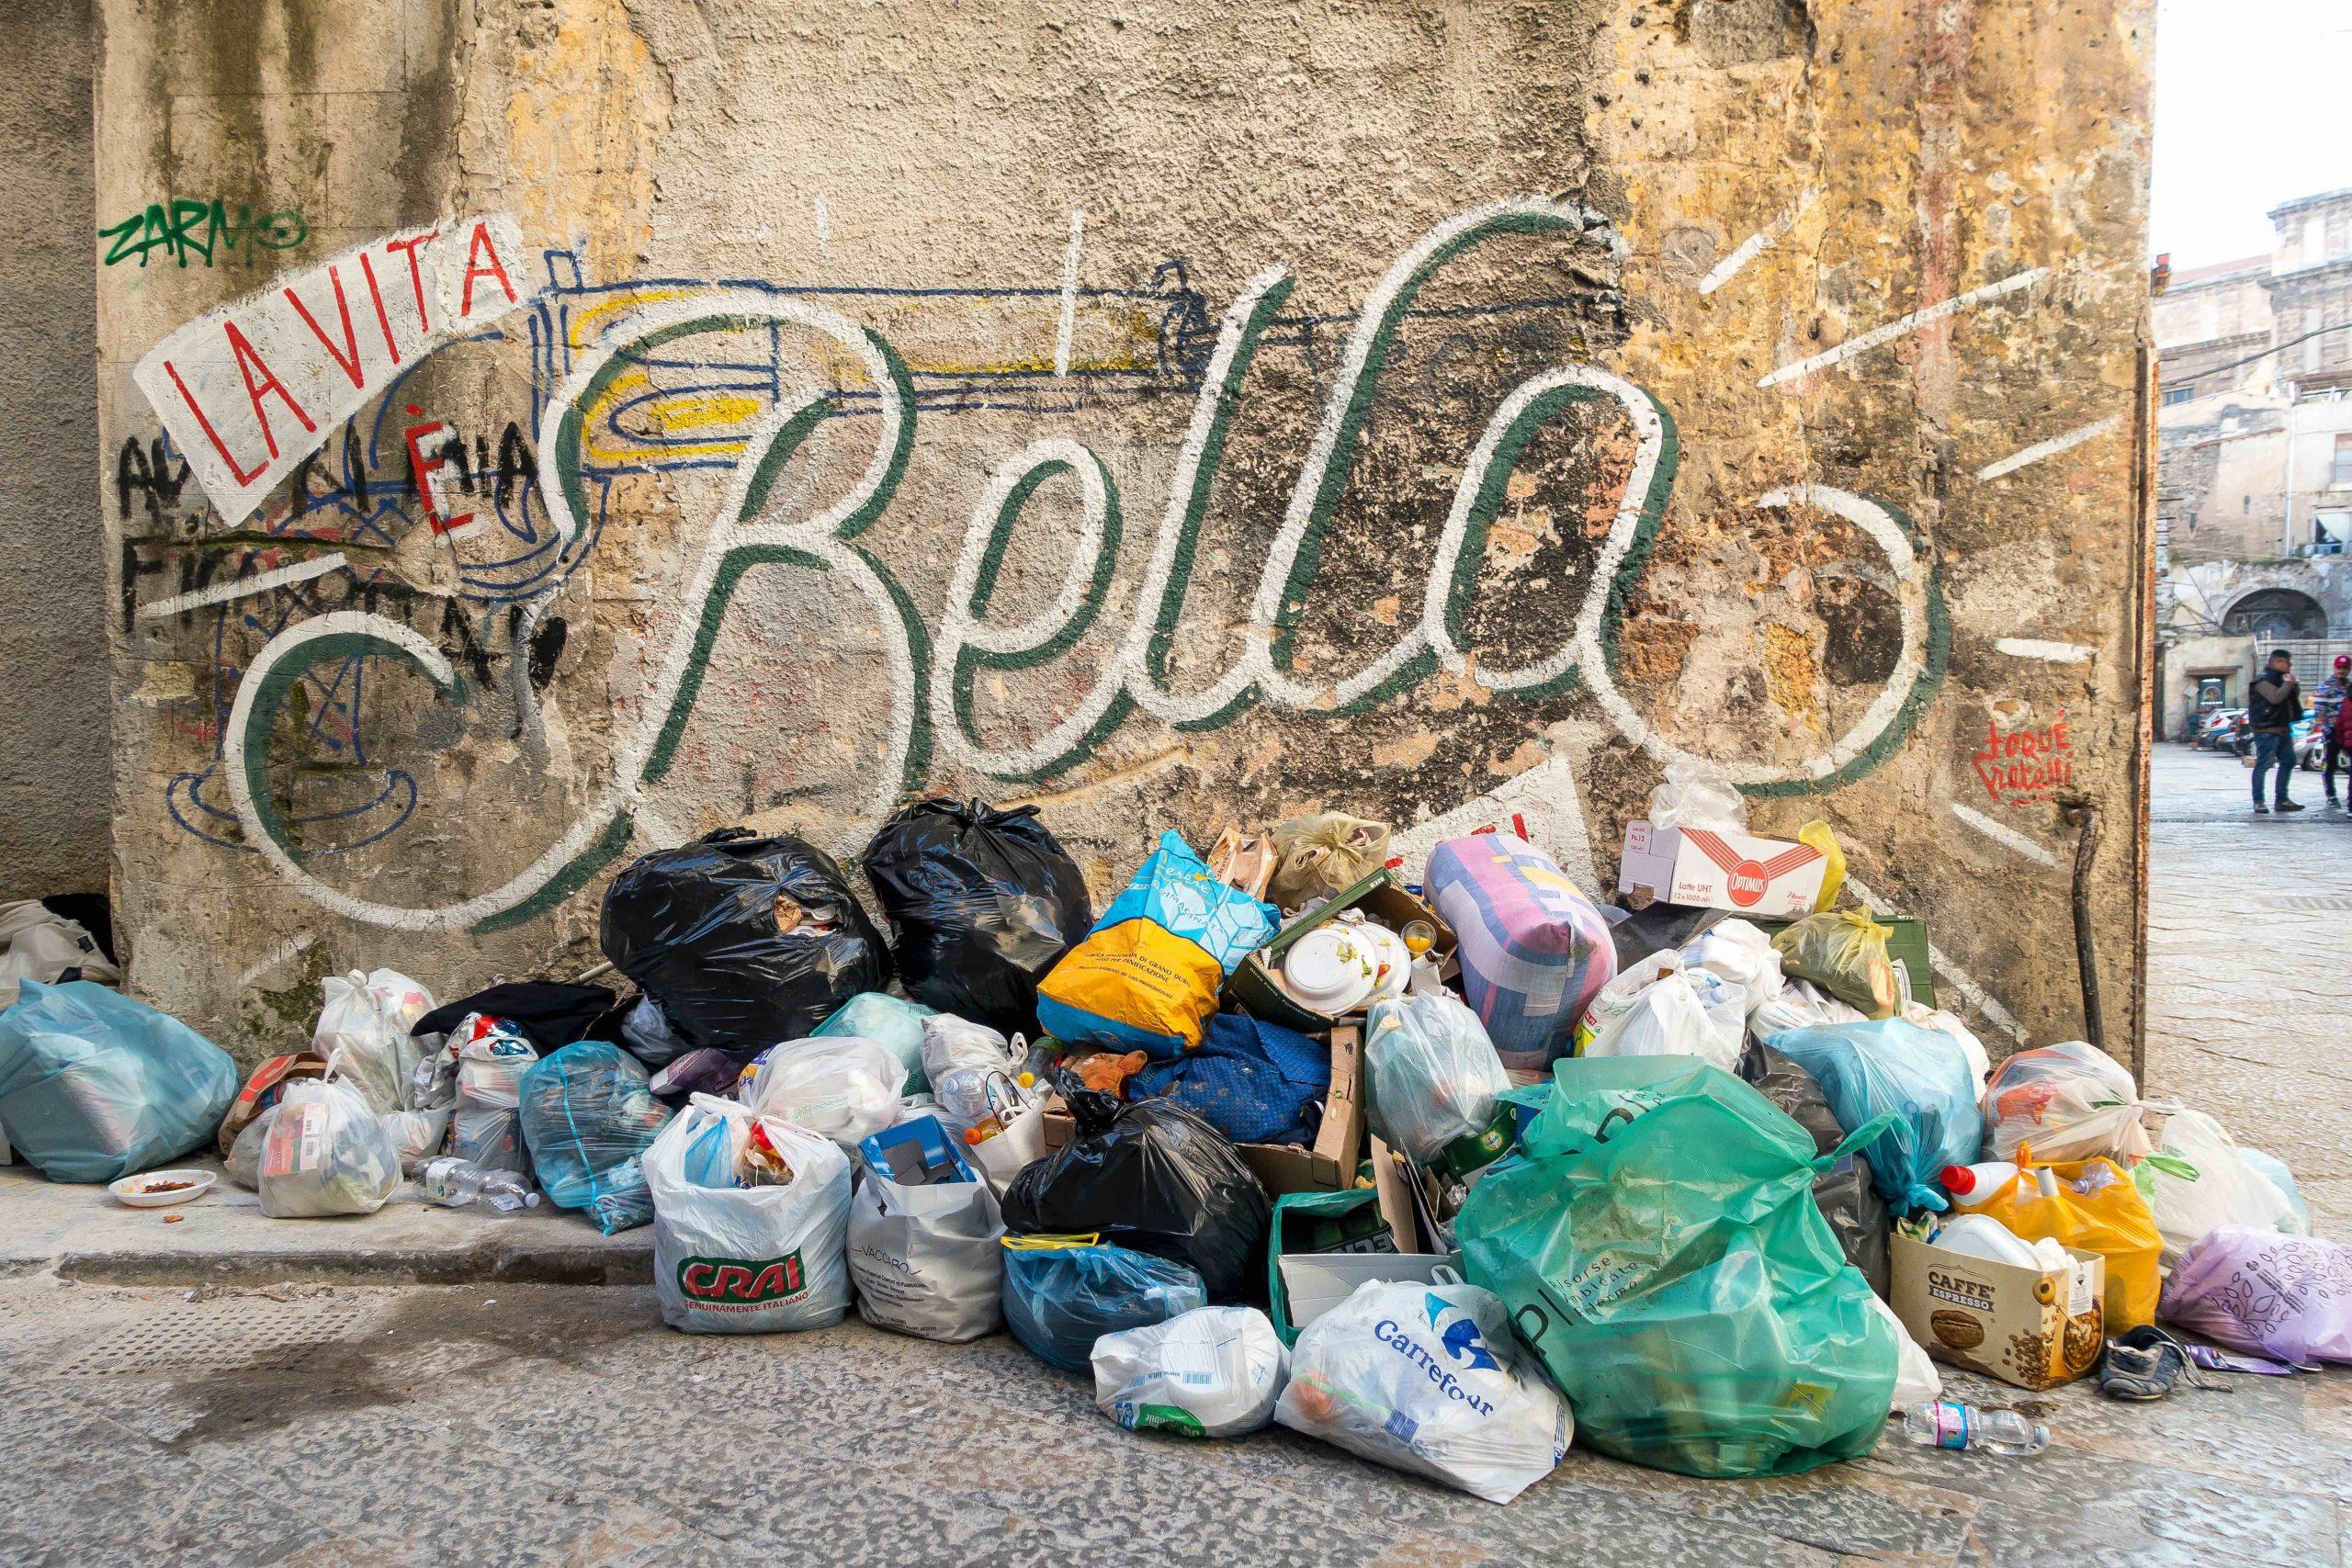 Un mezzo disastro virtuoso: l'Italia del riciclo, l'Italia del rifiuto